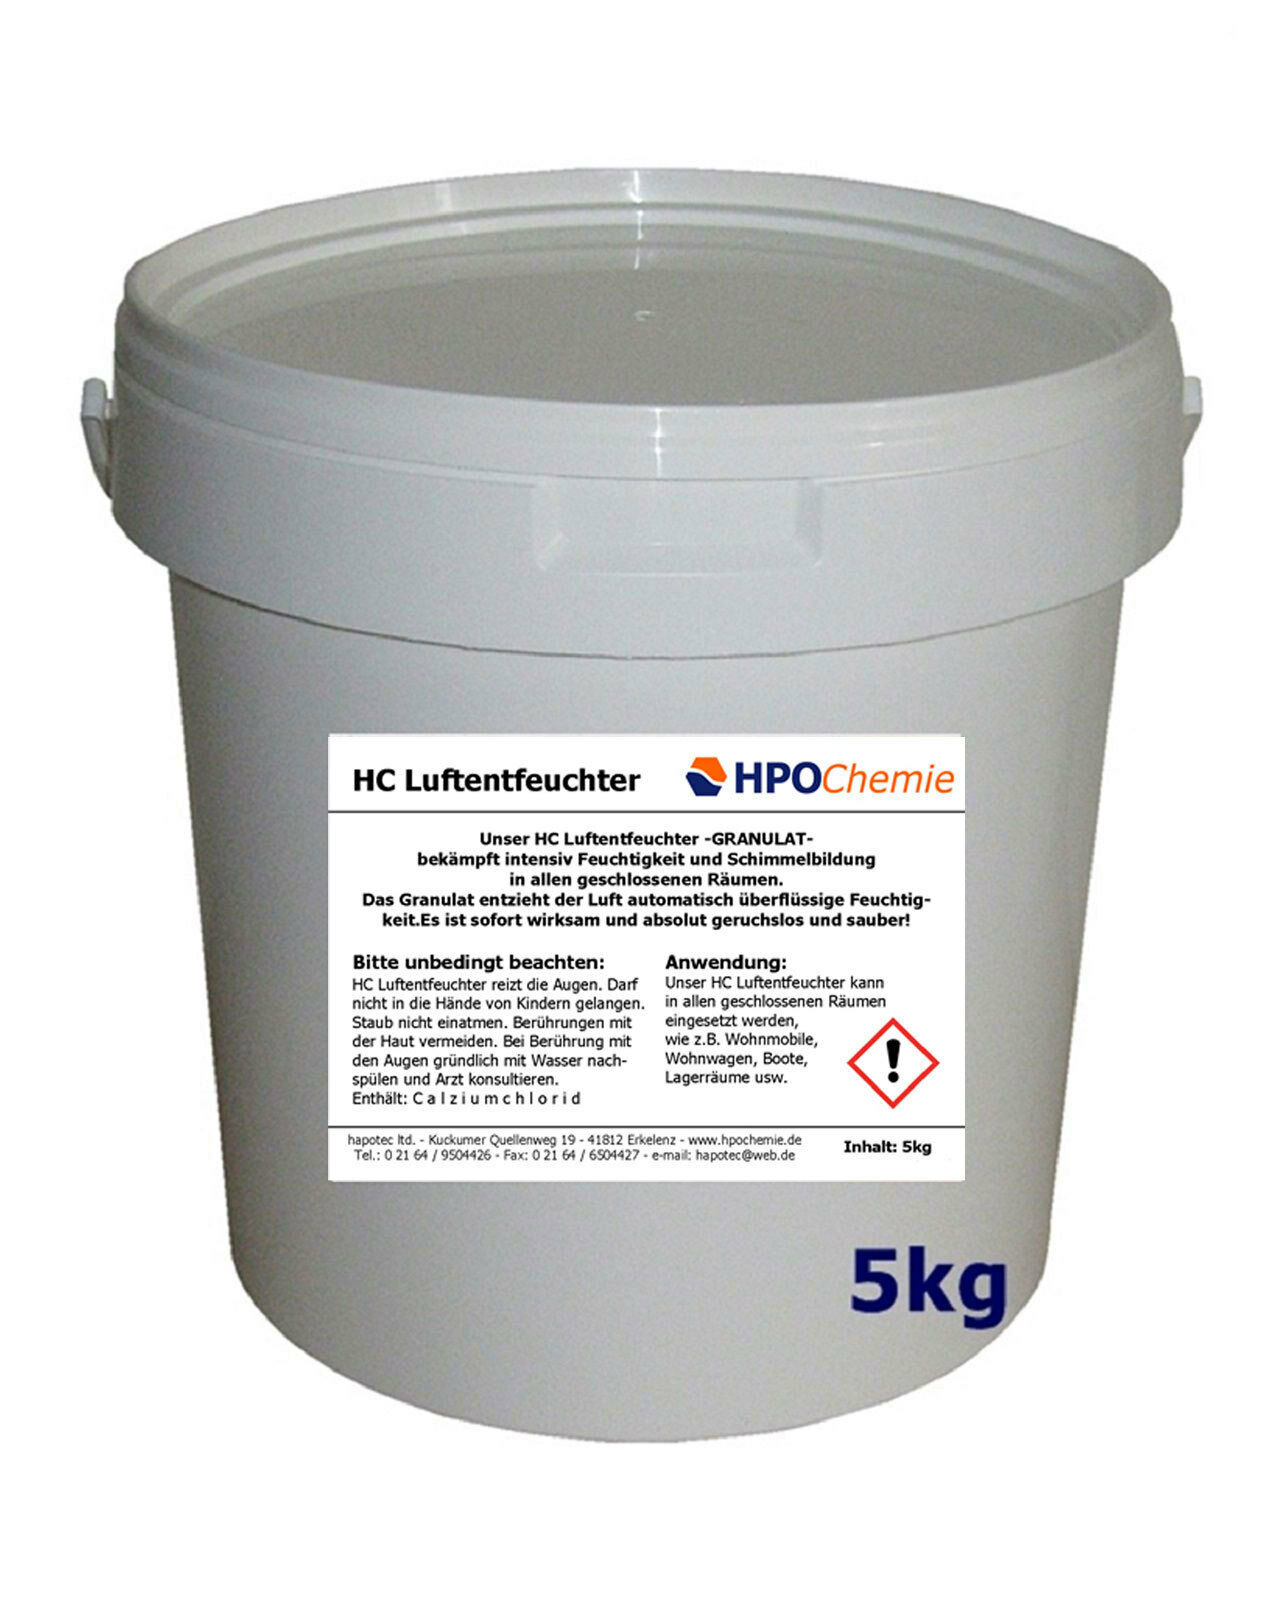 Luftentfeuchter GRANULAT 3x5kg Eimer Raumentfeuchter lose Flakes ( kg)  | Sonderaktionen zum Jahresende